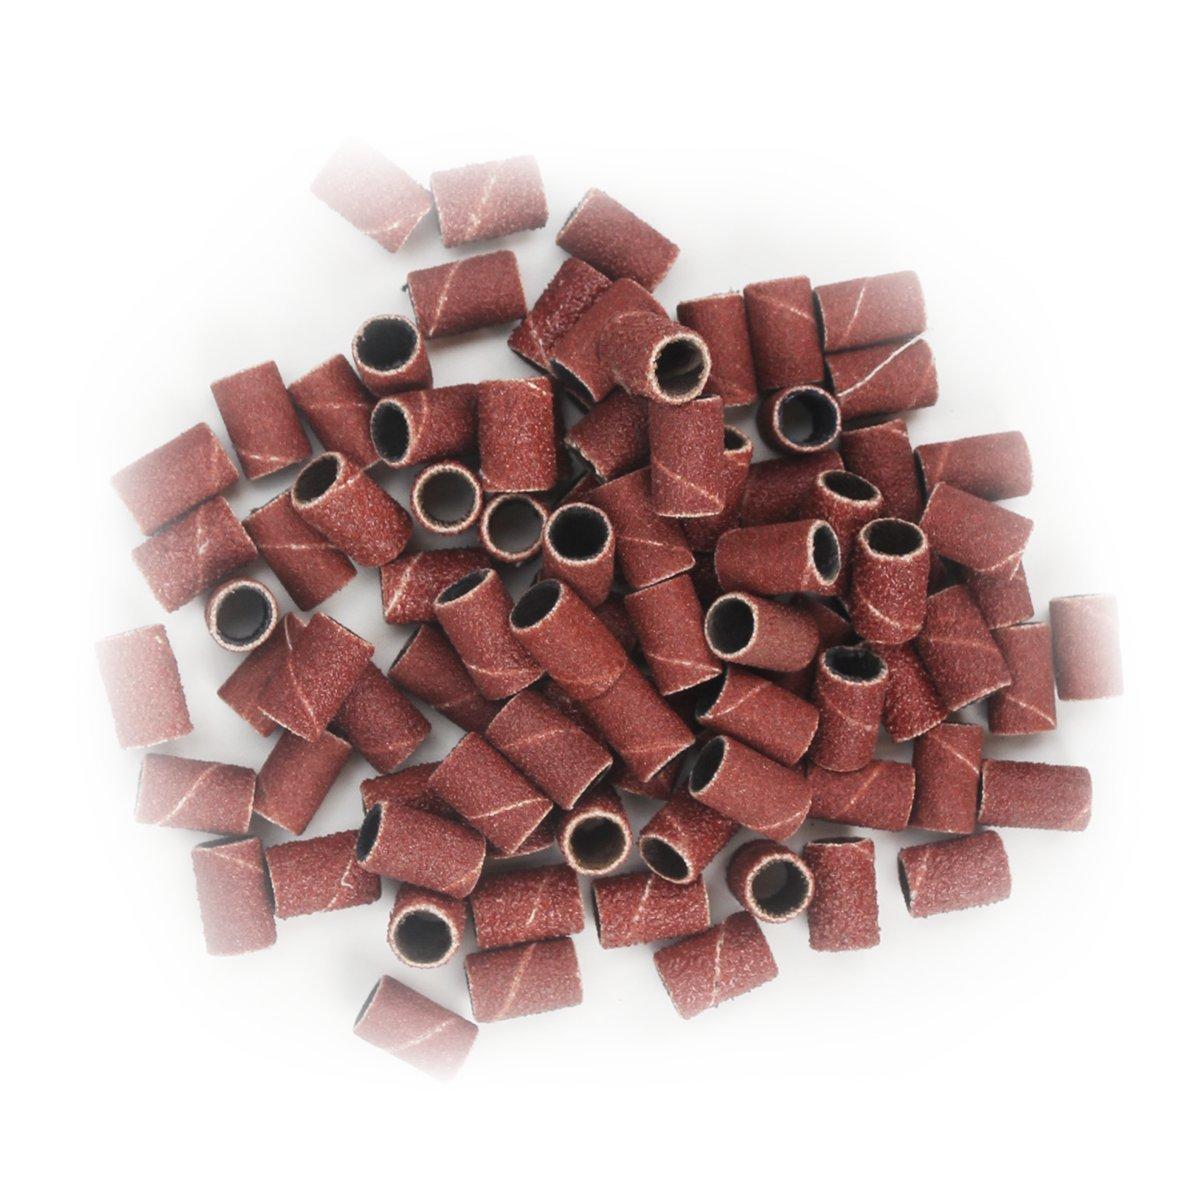 90pcs Grit File Sand Stück Set 80 # 120 # 180 #, 30pcs für jede Größe, Professional Schleifbänder Pack für Nagel Maniküre von Dr.HeiZ